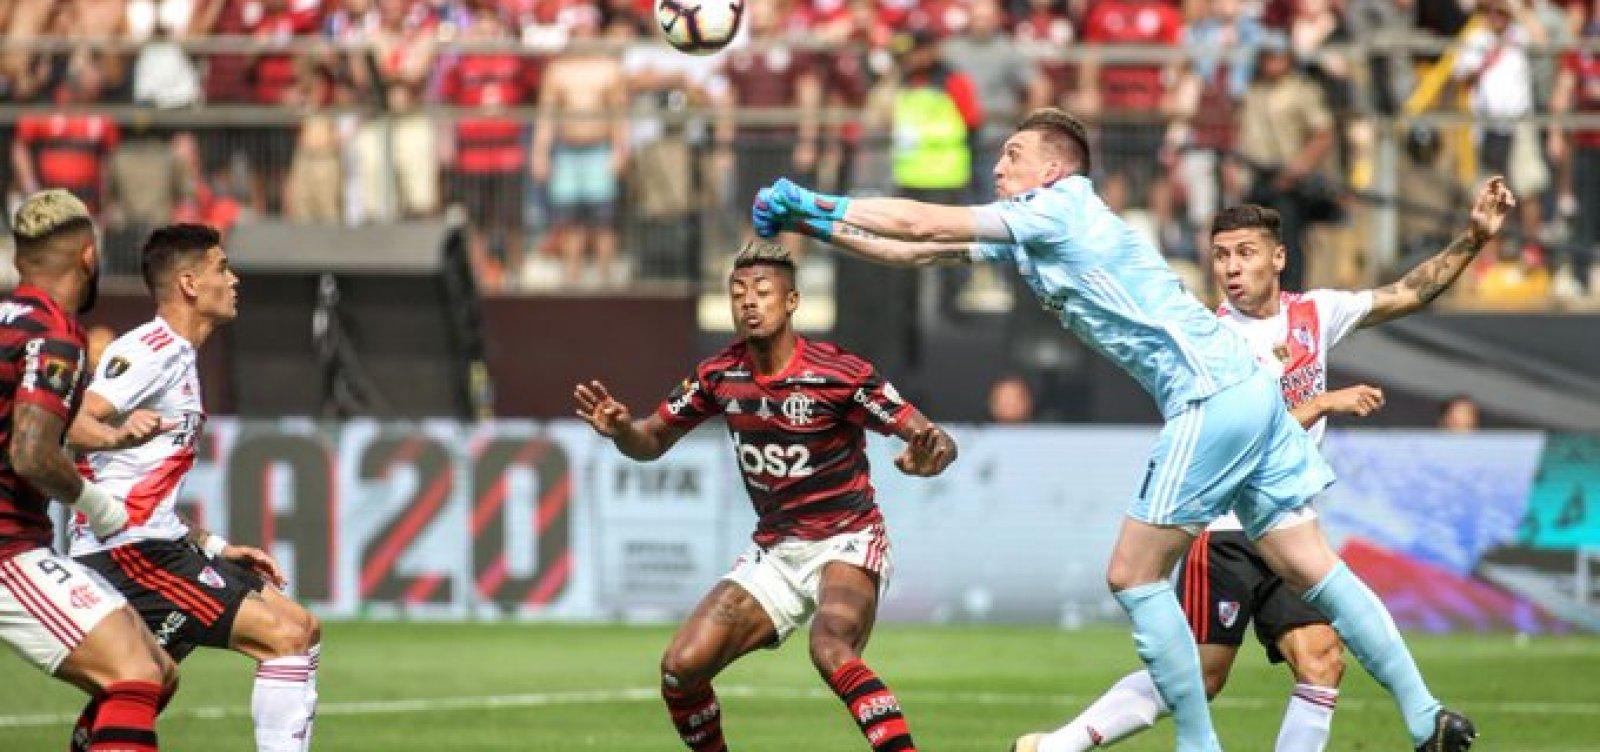 ['Pudemos mostrar como o Flamengo é forte', afirma Bruno Henrique após título da Libertadores]